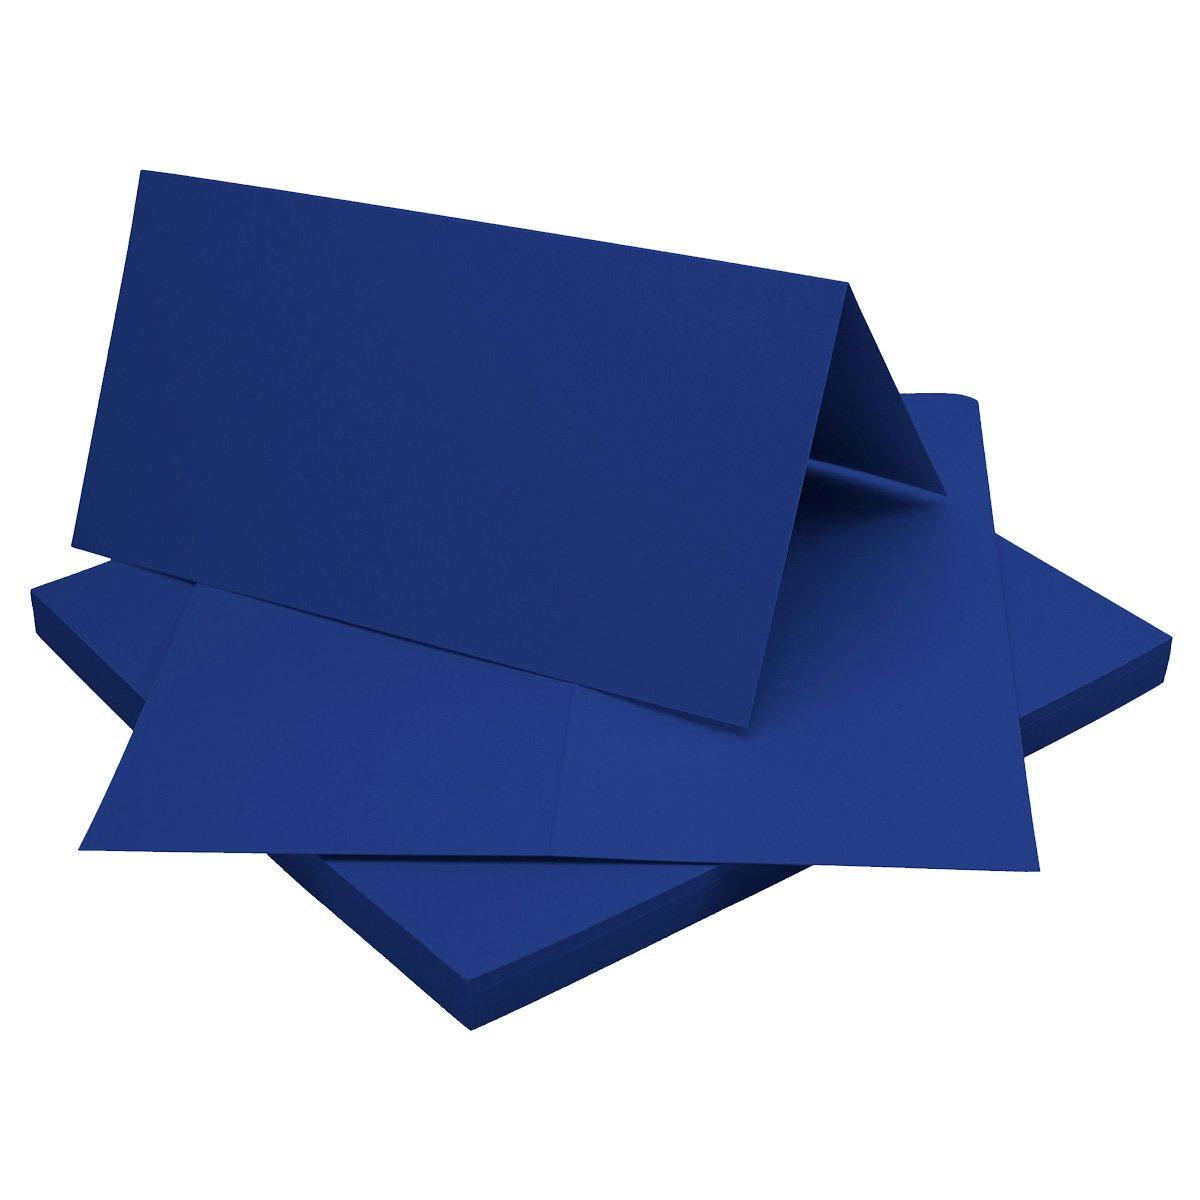 700 Faltkarten Din Lang - Hellgrau - Premium Qualität - 10,5 x 21 cm - Sehr formstabil - für Drucker Geeignet  - Qualitätsmarke  NEUSER FarbenFroh B07FKS7YDM | Online Kaufen